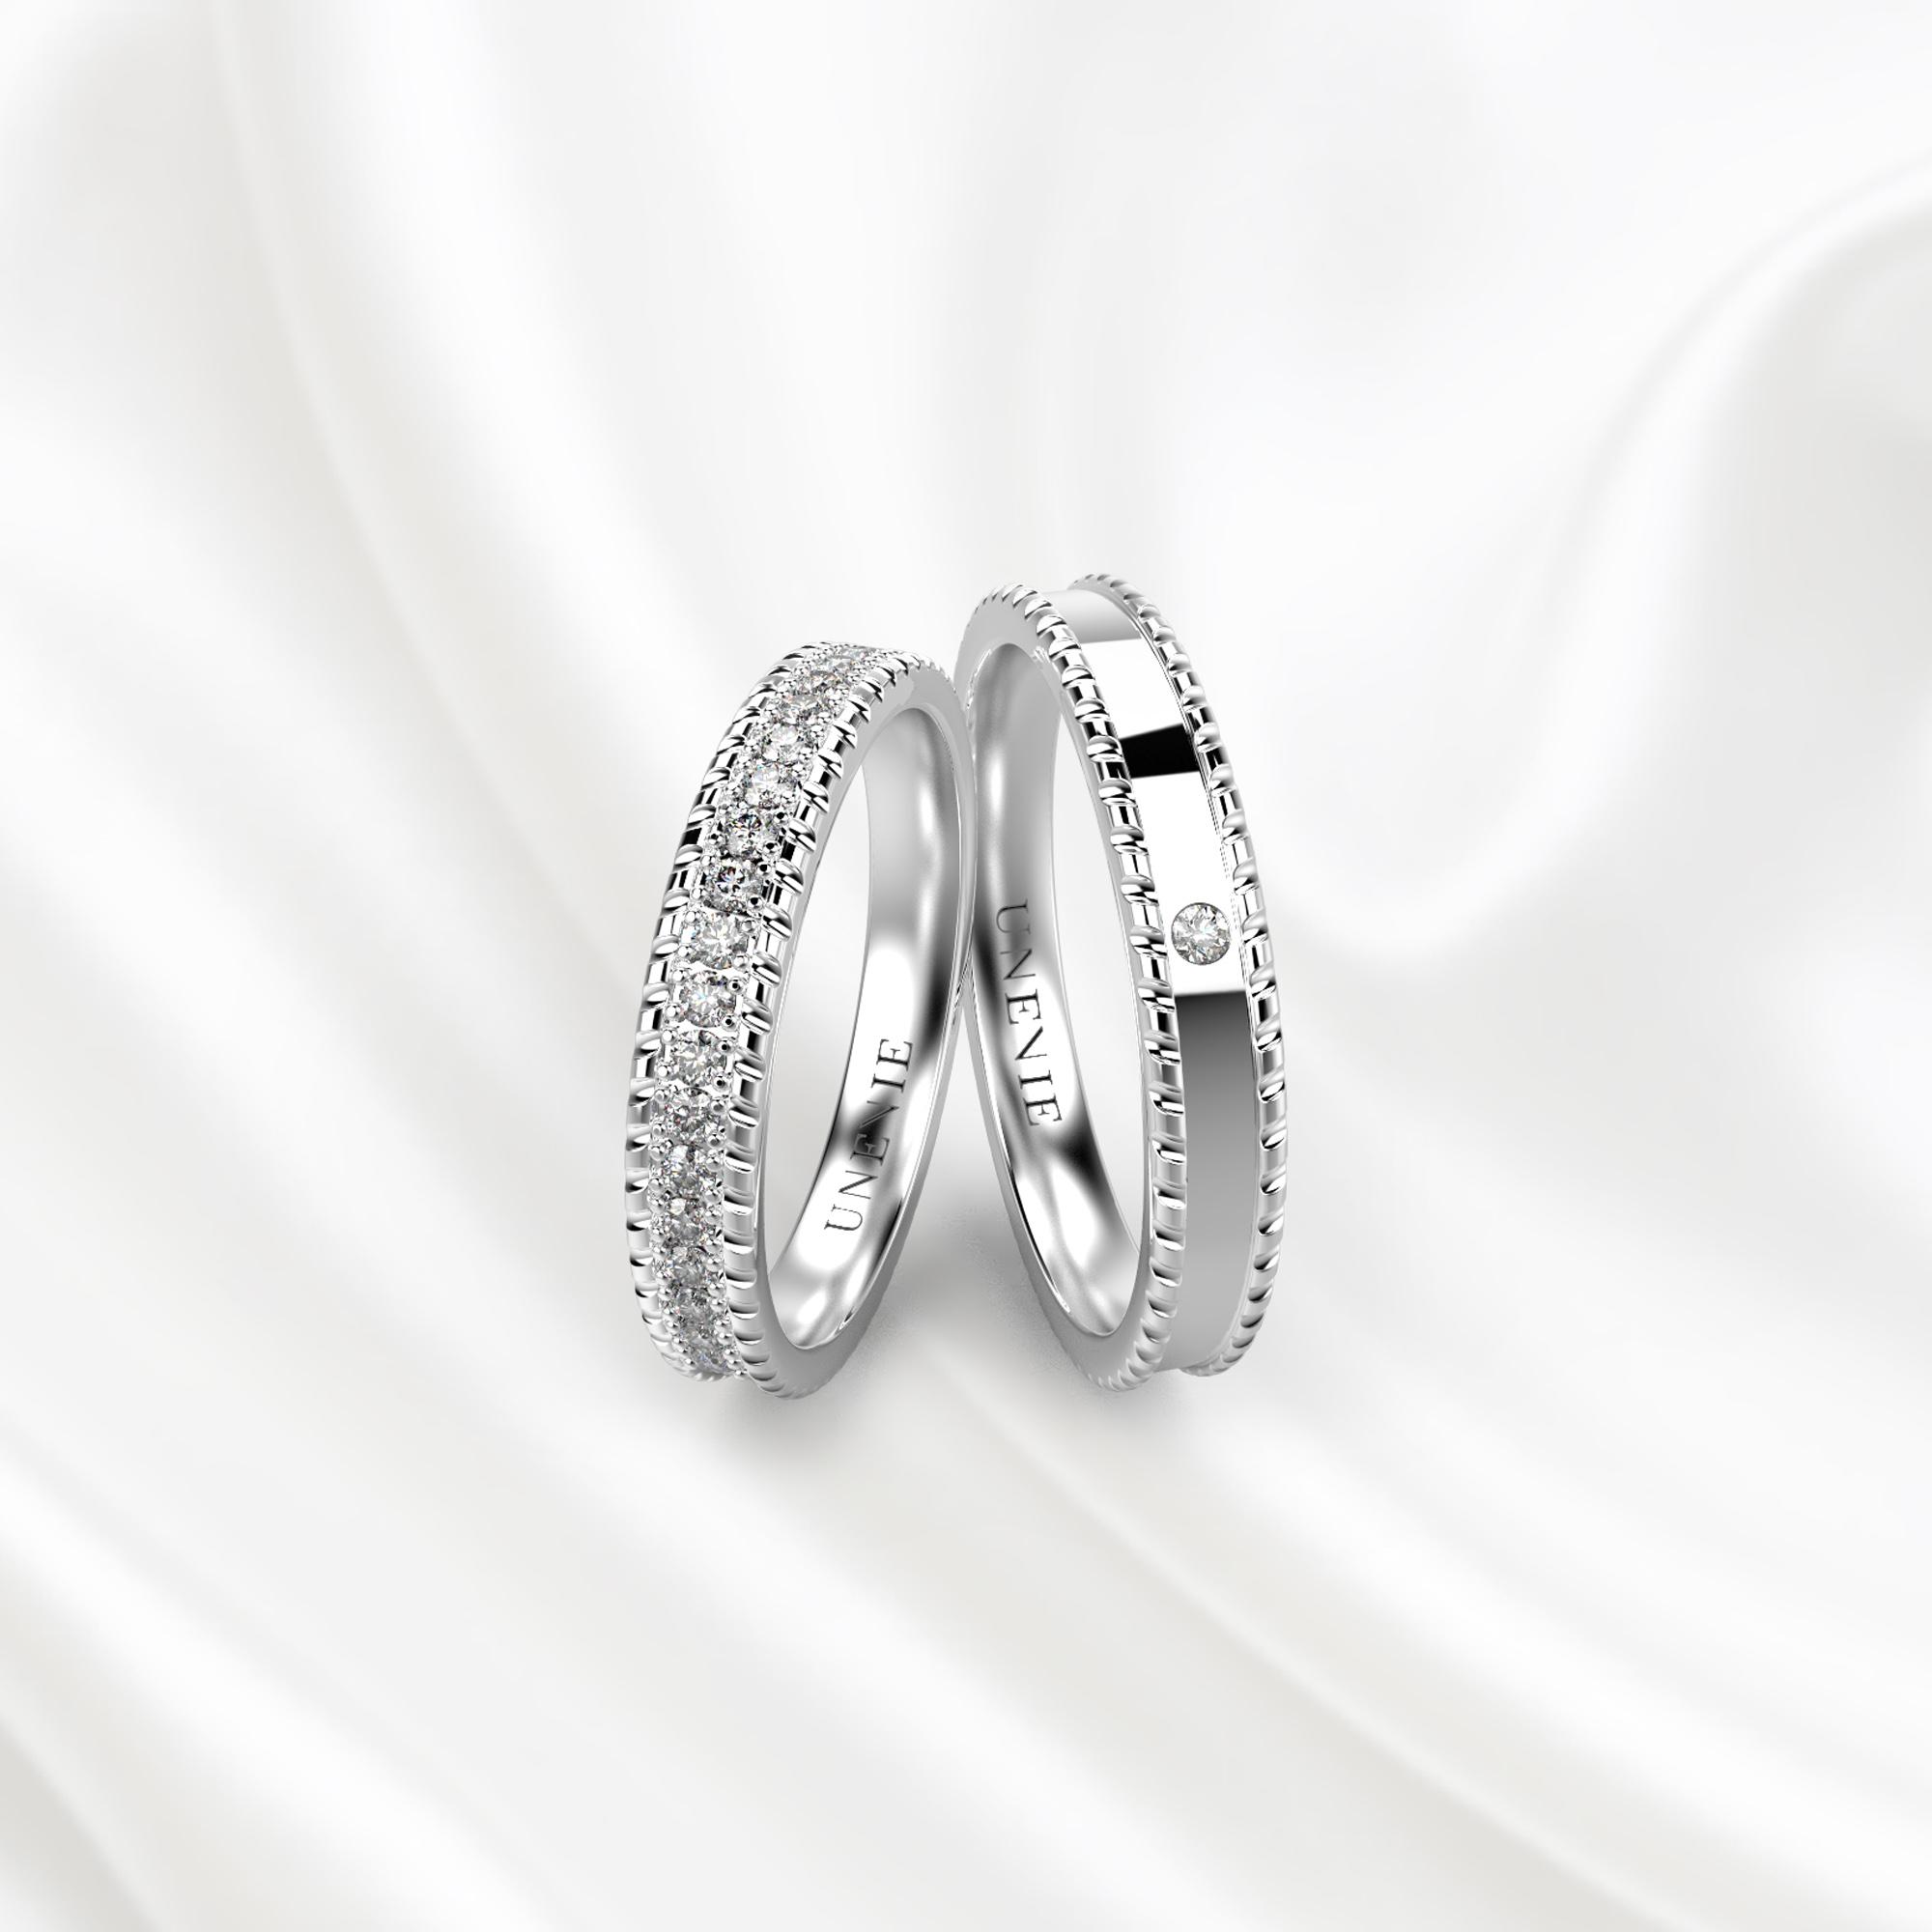 NV29 Обручальные кольца из белого золота с бриллиантами